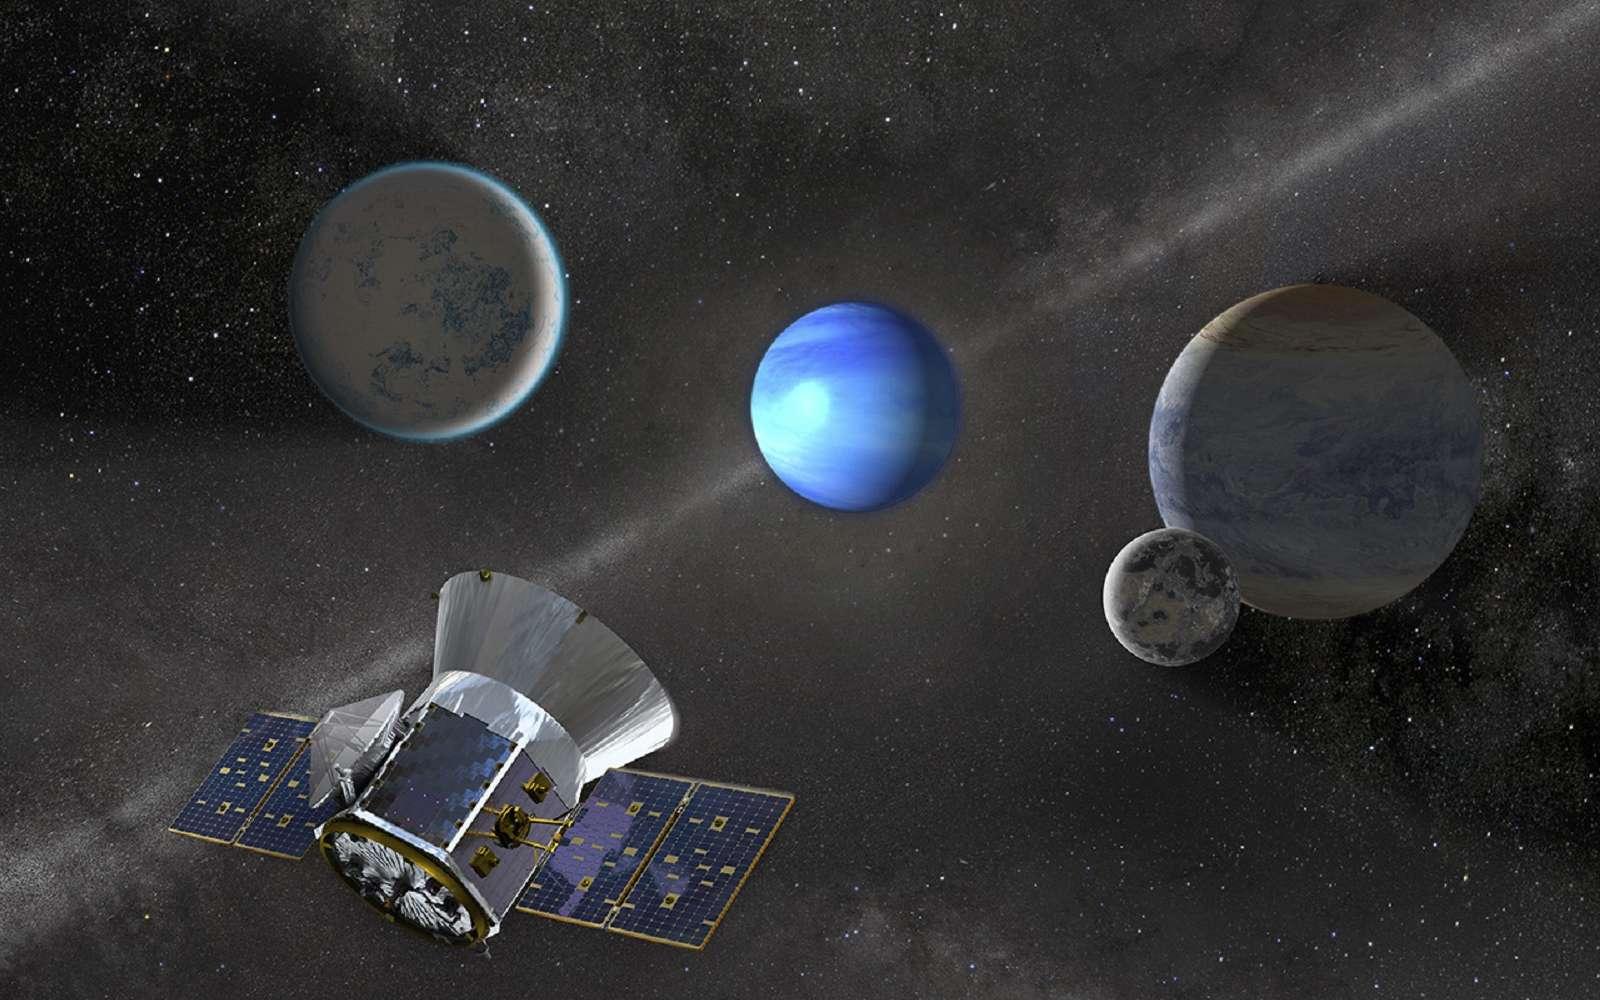 Le satellite Tess a découvert sa troisième exoplanète, HD 21749 b, et des volontaires ont aidé à identifier une planète de taille inhabituelle dans les données du télescope spatial Kepler, aujourd'hui à la retraite. © Nasa, MIT, Tess